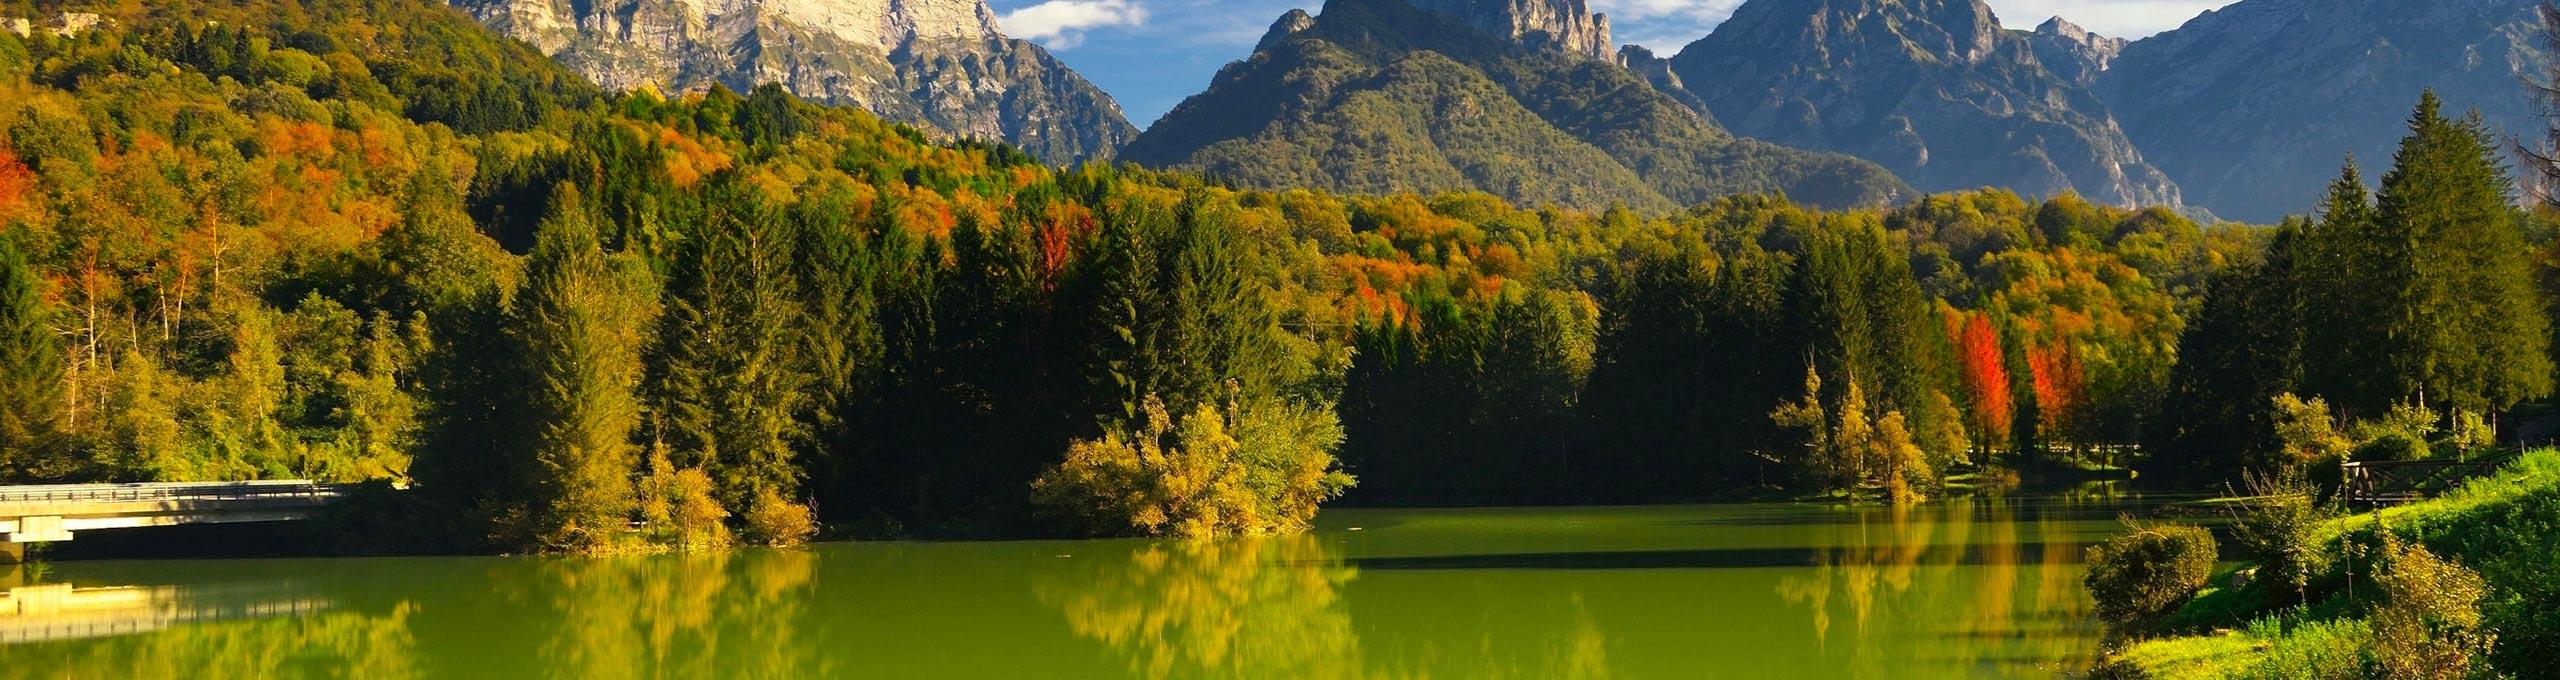 Lago di Barcis, Piancavallo e Dolomiti Friulane